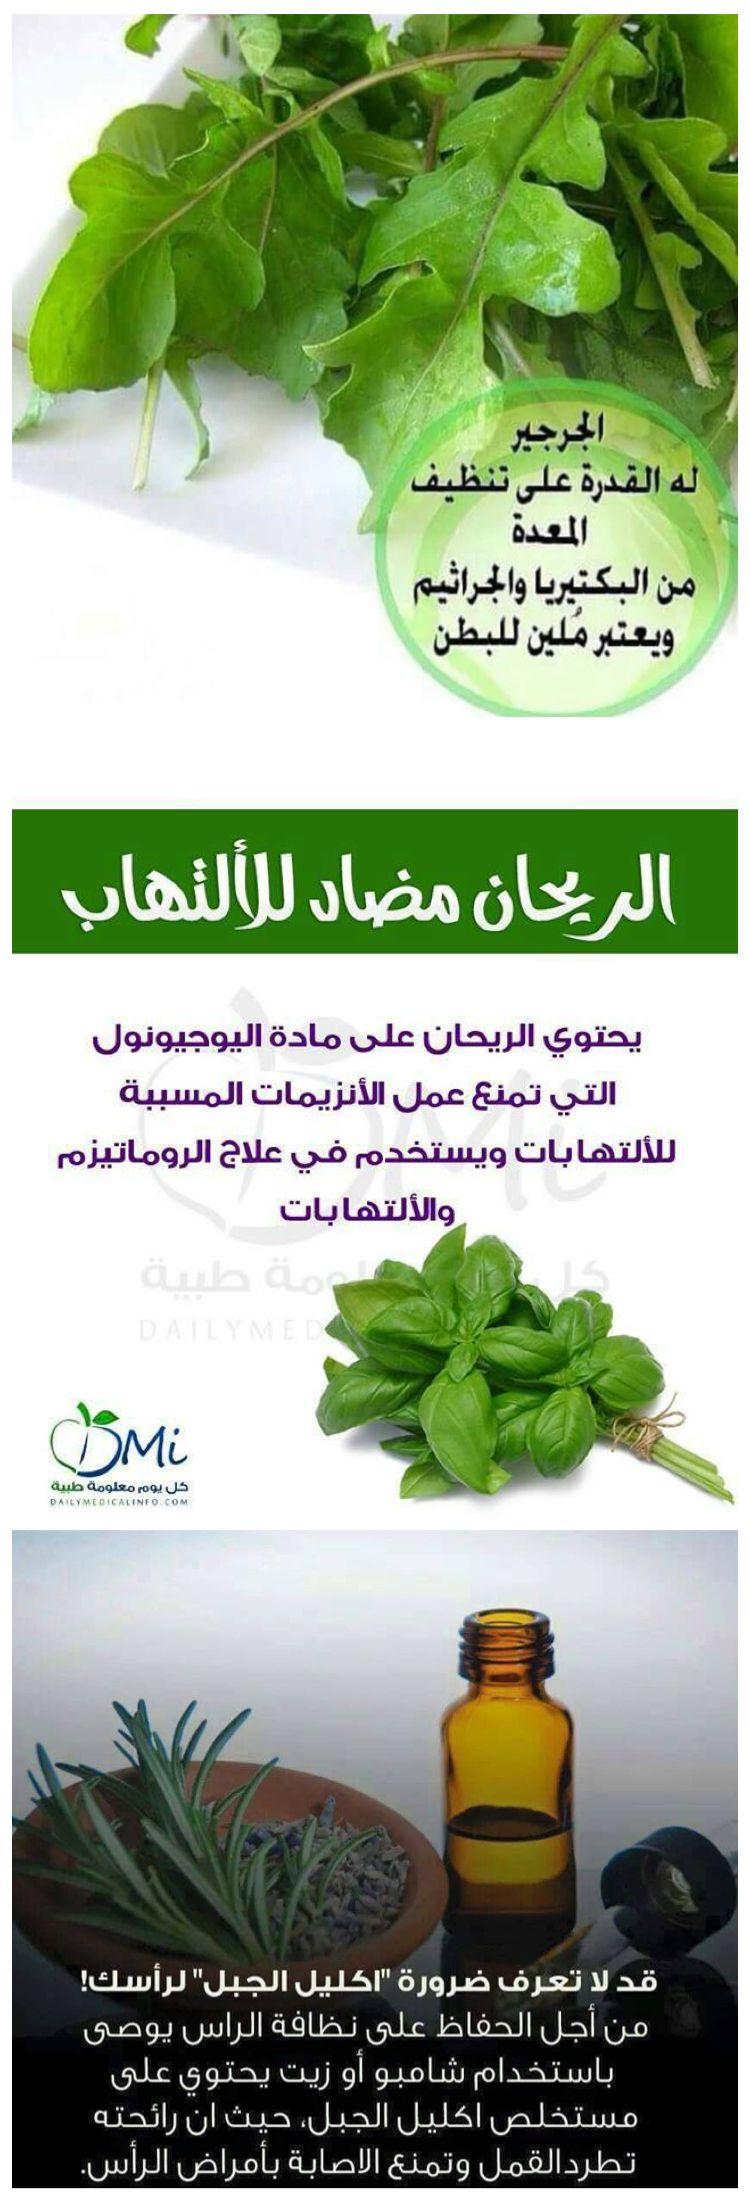 فوائد الاعشاب Herbs Heath Parsley